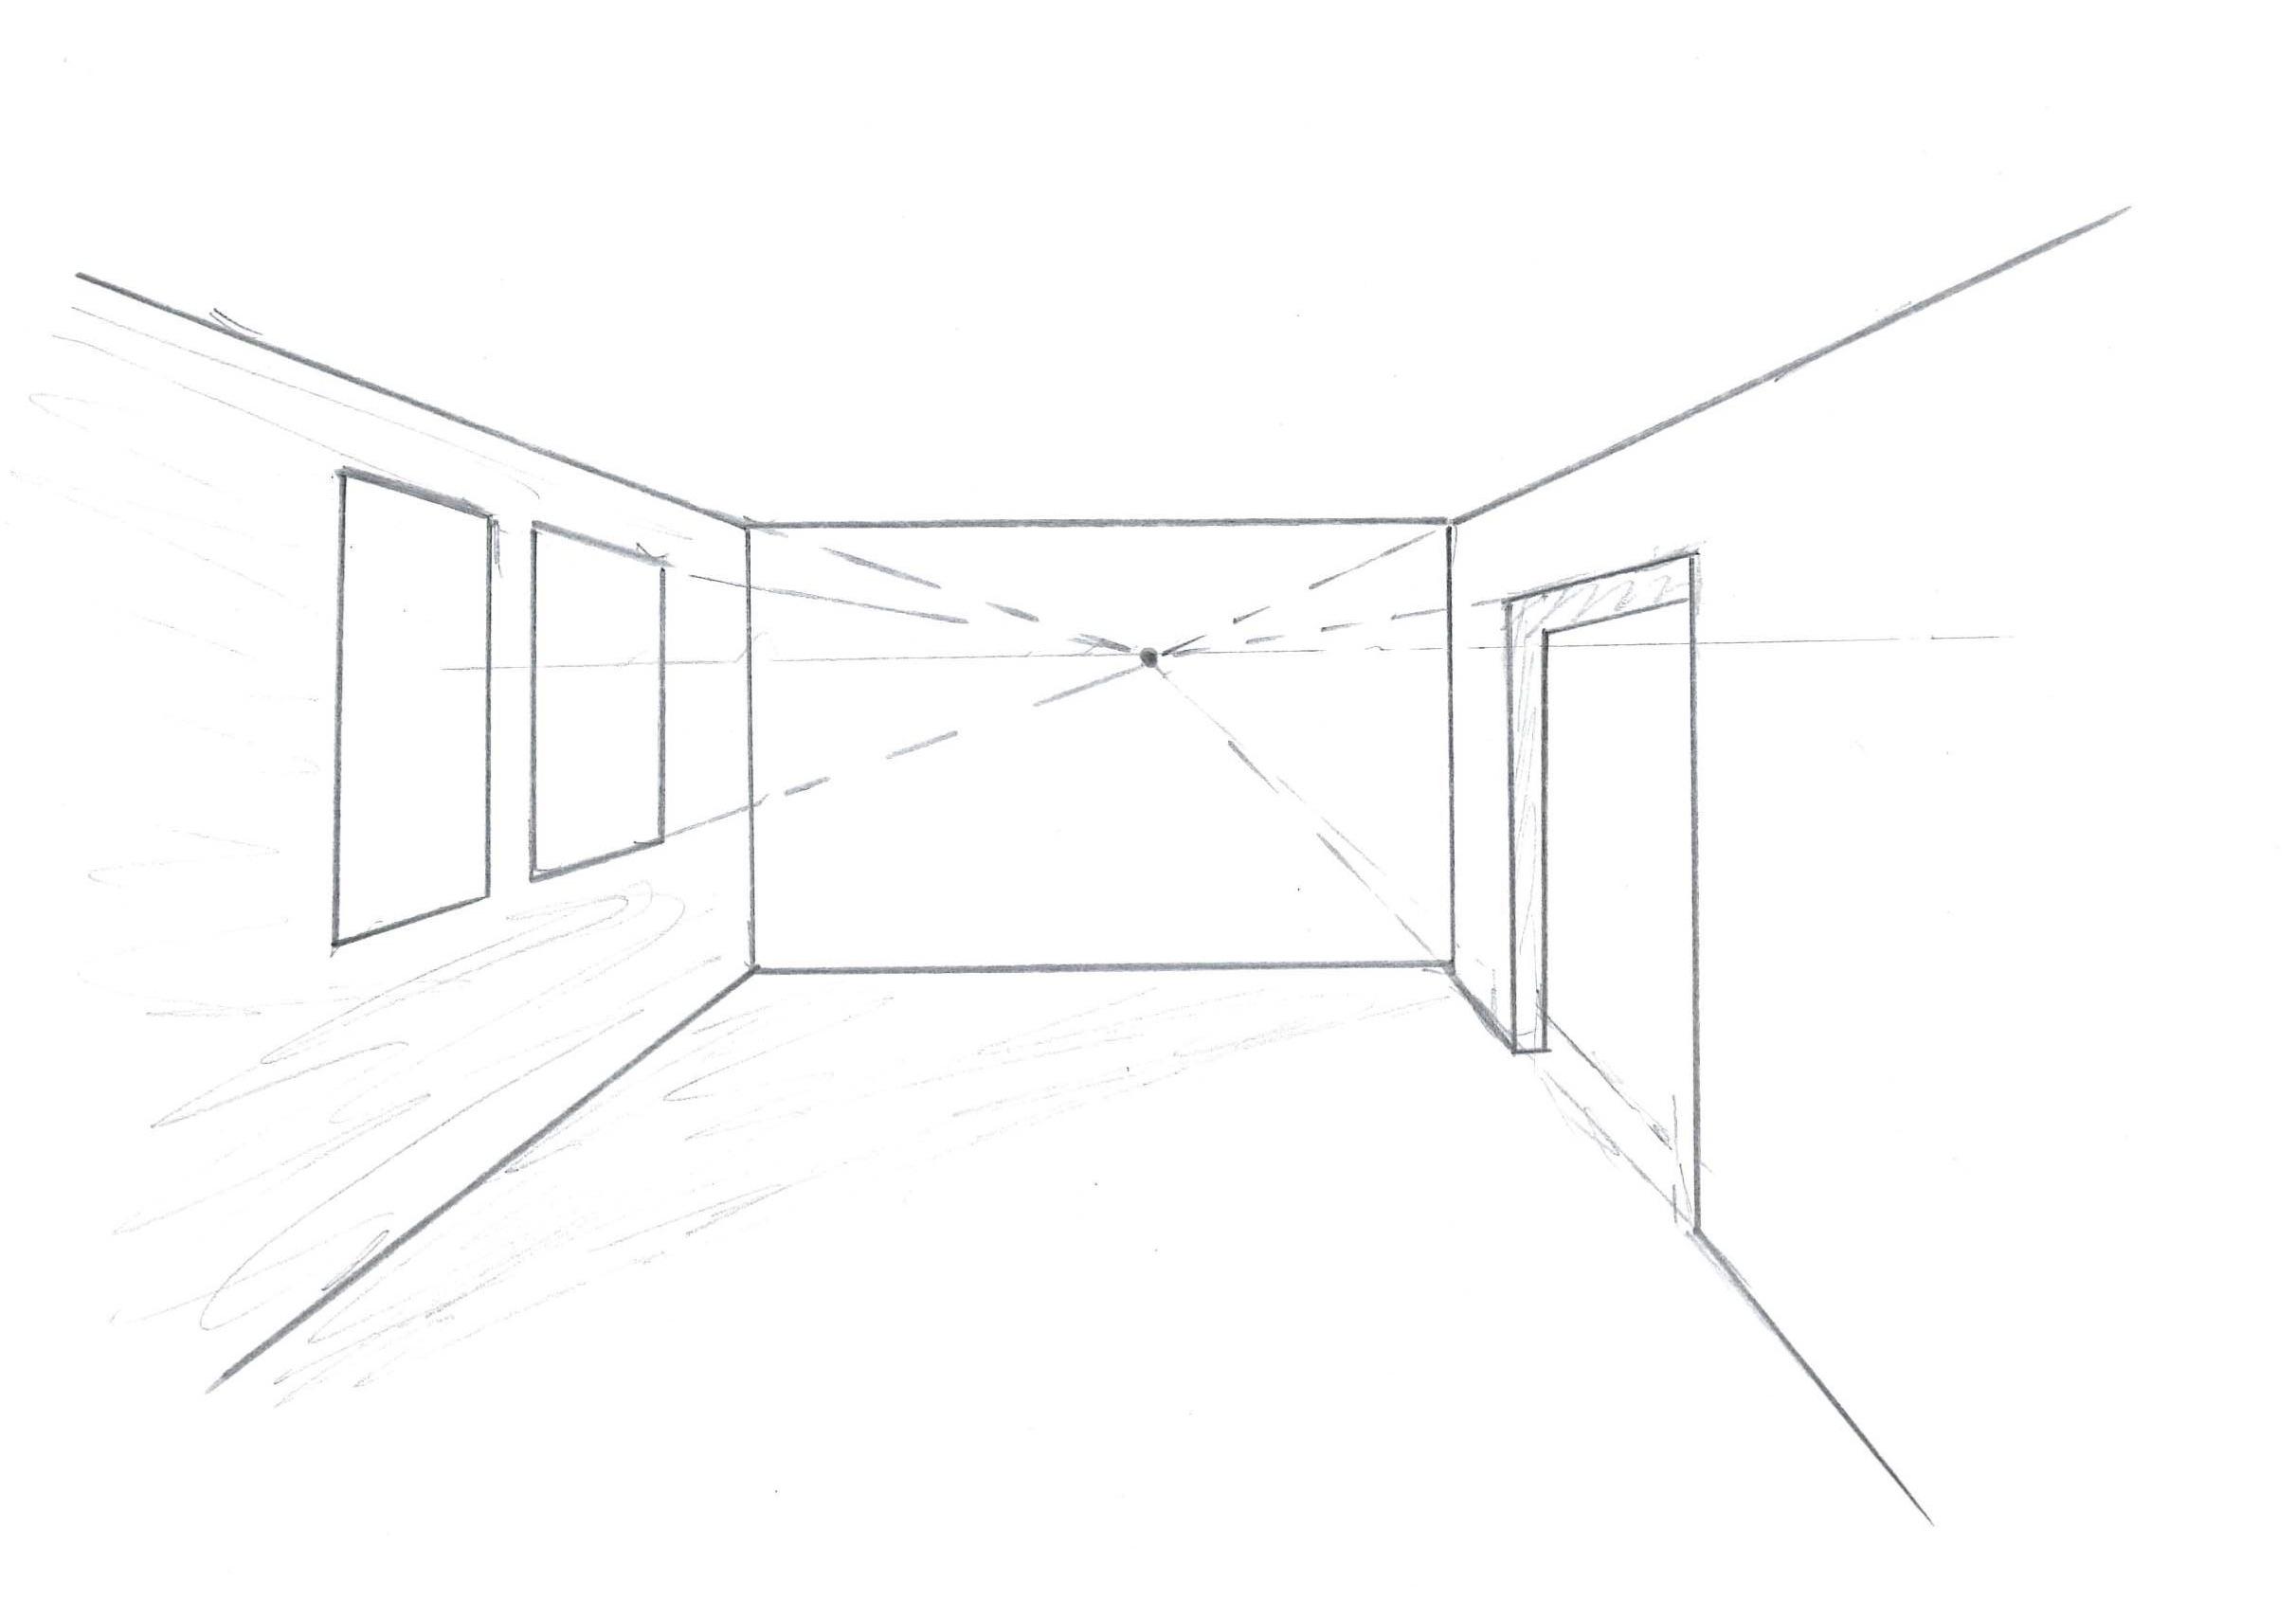 Sketch & Draw, Vorlesung 8; Perspektiven | Anina Gepp ganzes Perspektive Zeichnen Schritt Für Schritt